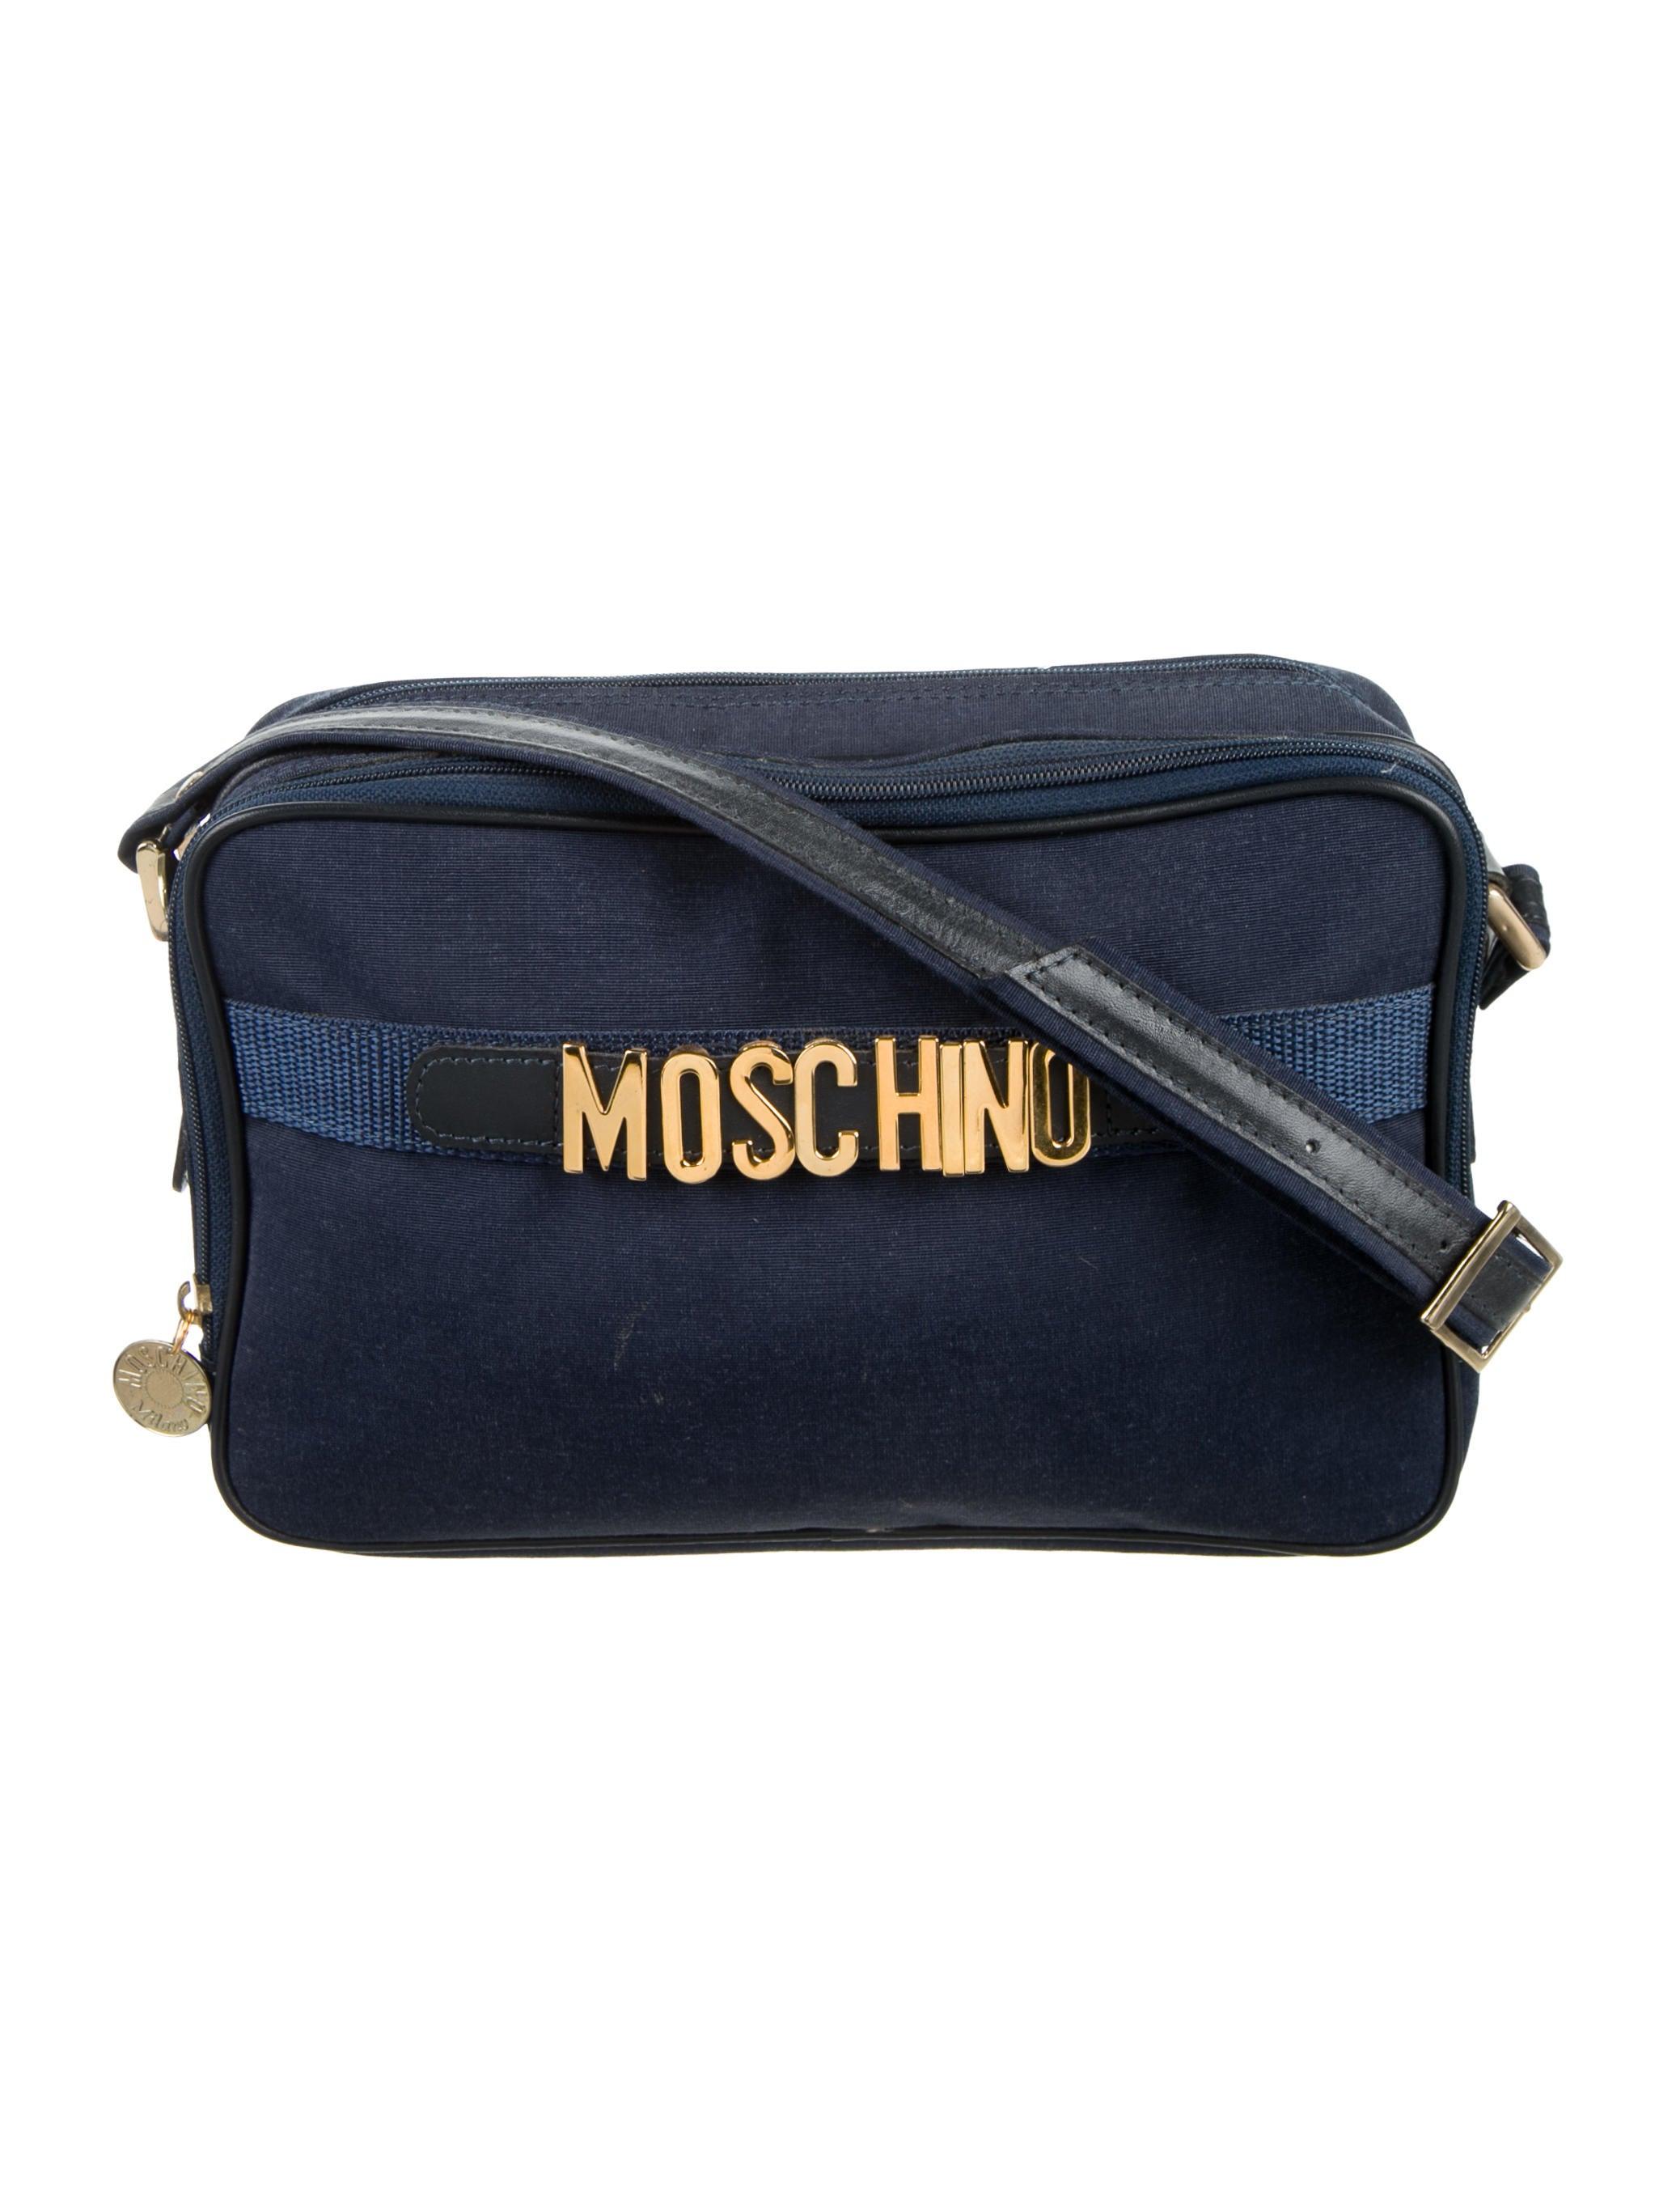 Chka Erfly Handbags Best Image Of Imagevet Co